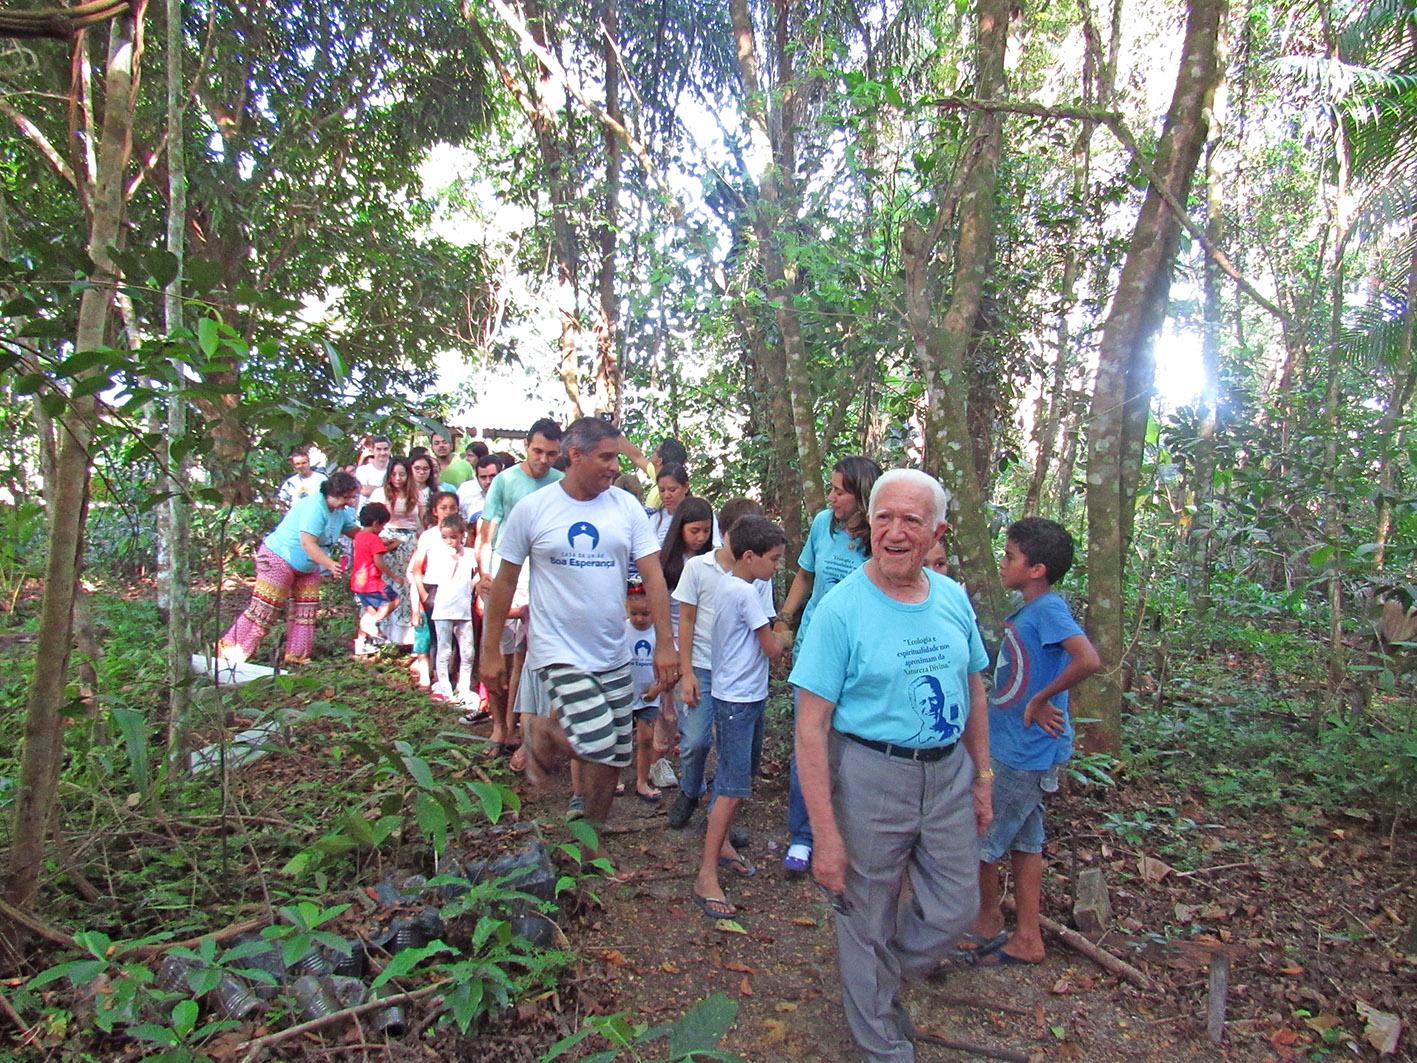 M. Monteiro caminhando na trilha.  Foto: Galdino Mota